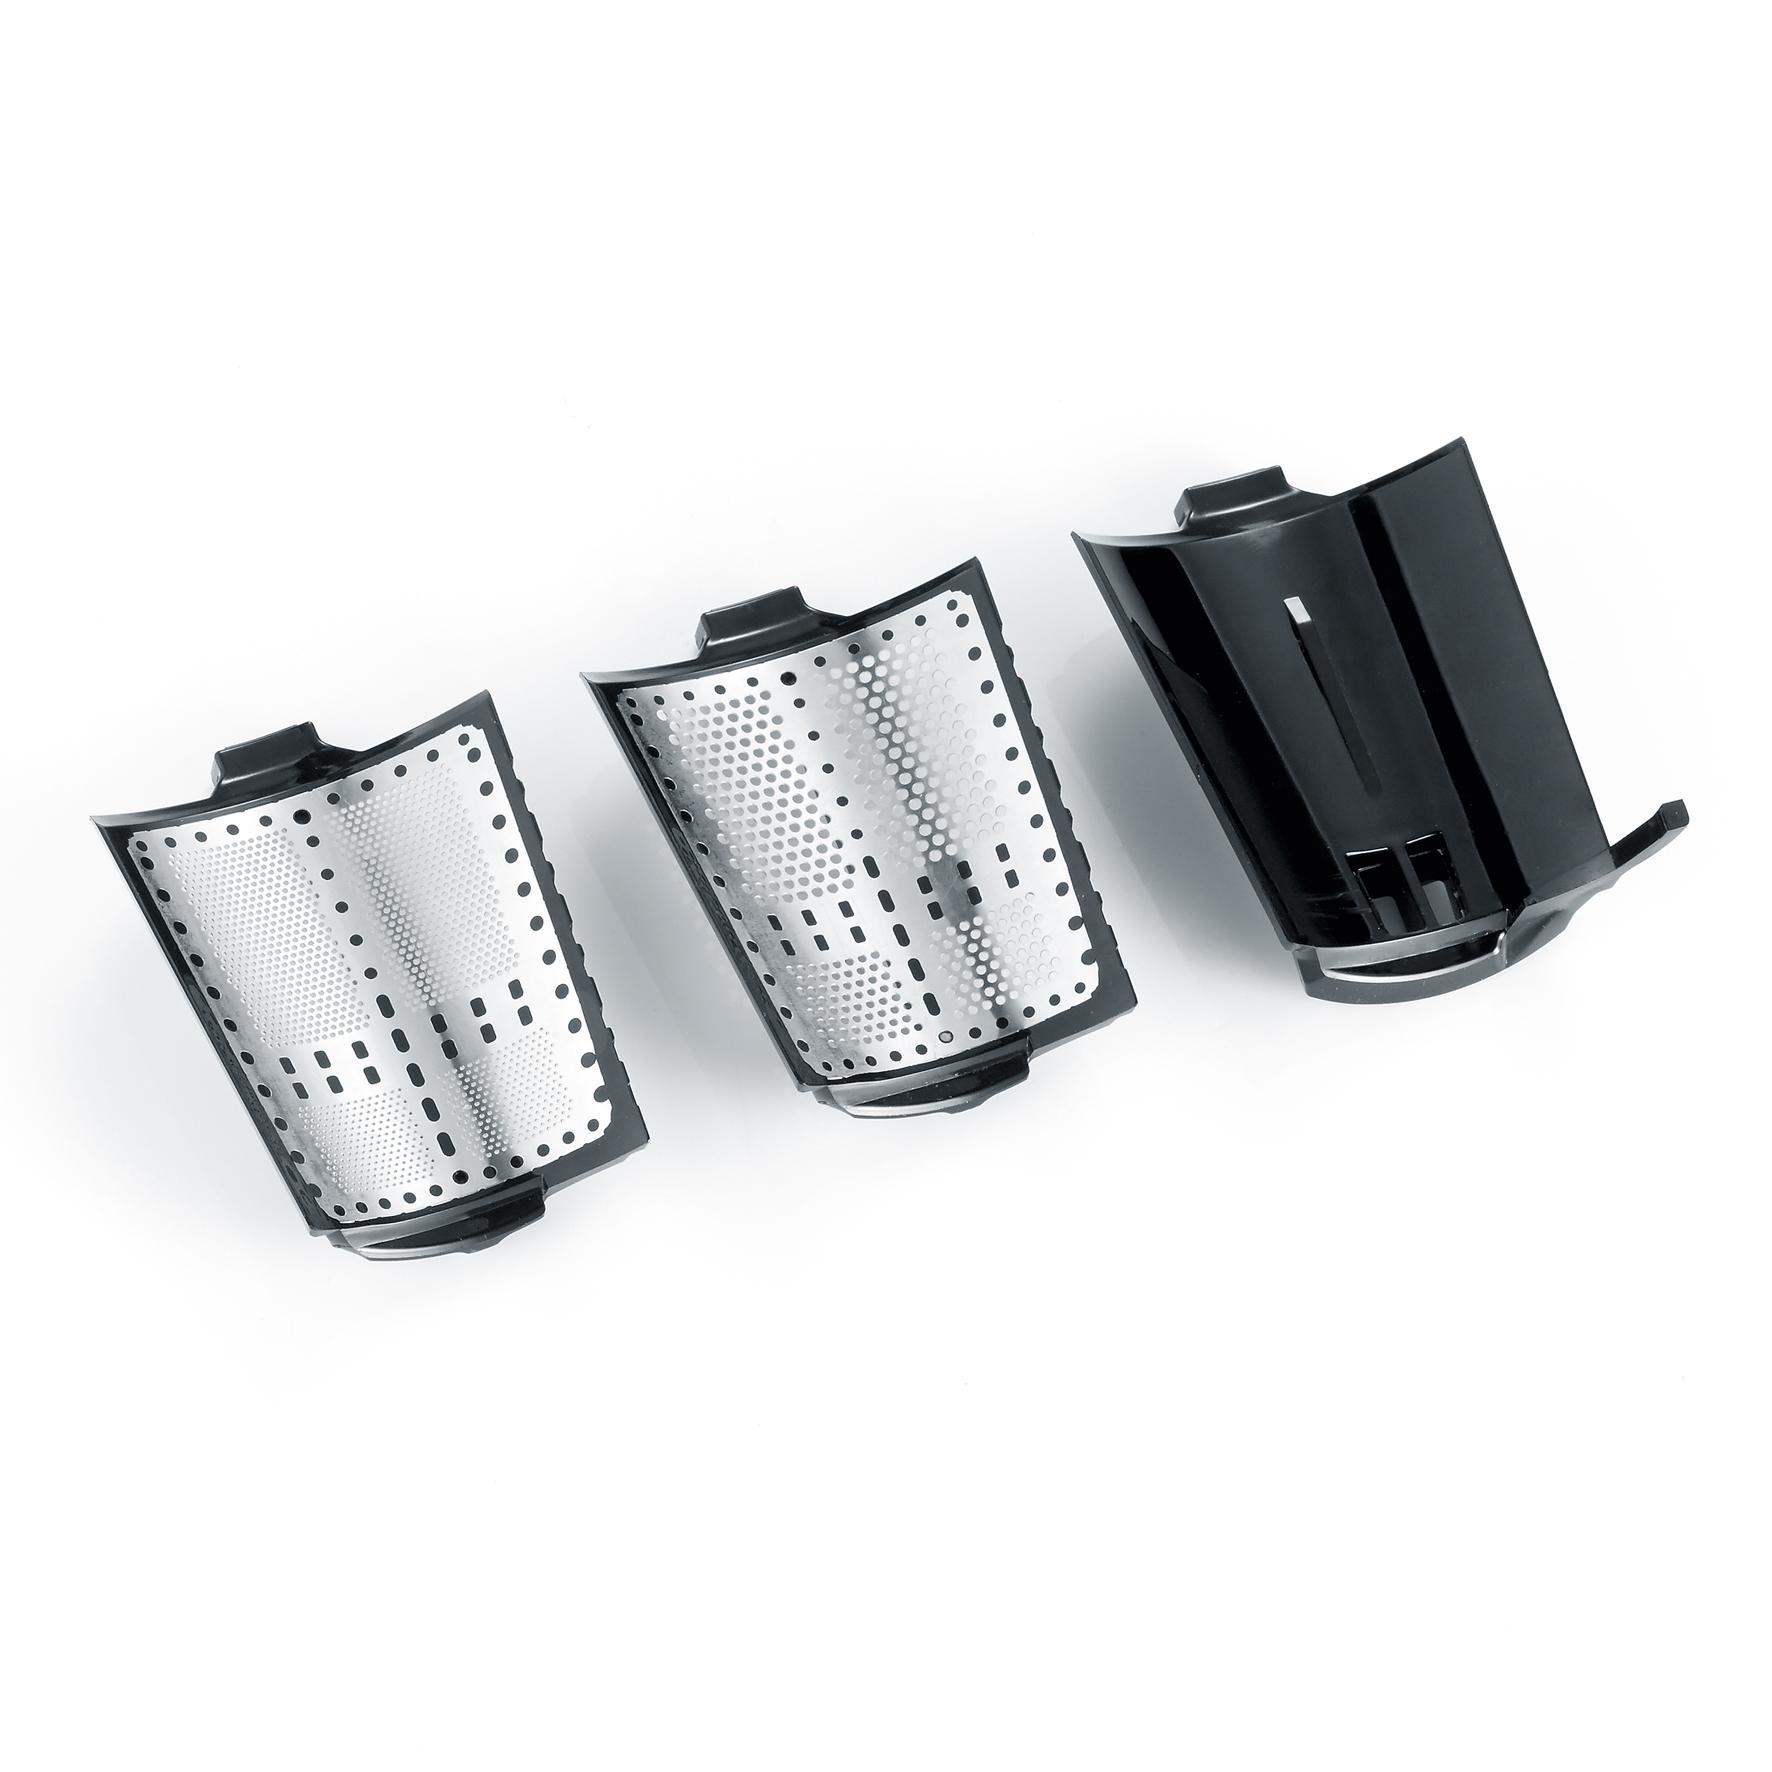 Severin Es 3569 Slow Juicer Estrattore Di Succo Senza Lame : Severin ES 3571 Slow Juicer Estrattore di Succo senza Lame con Contenitori del Succo BPA Free ...